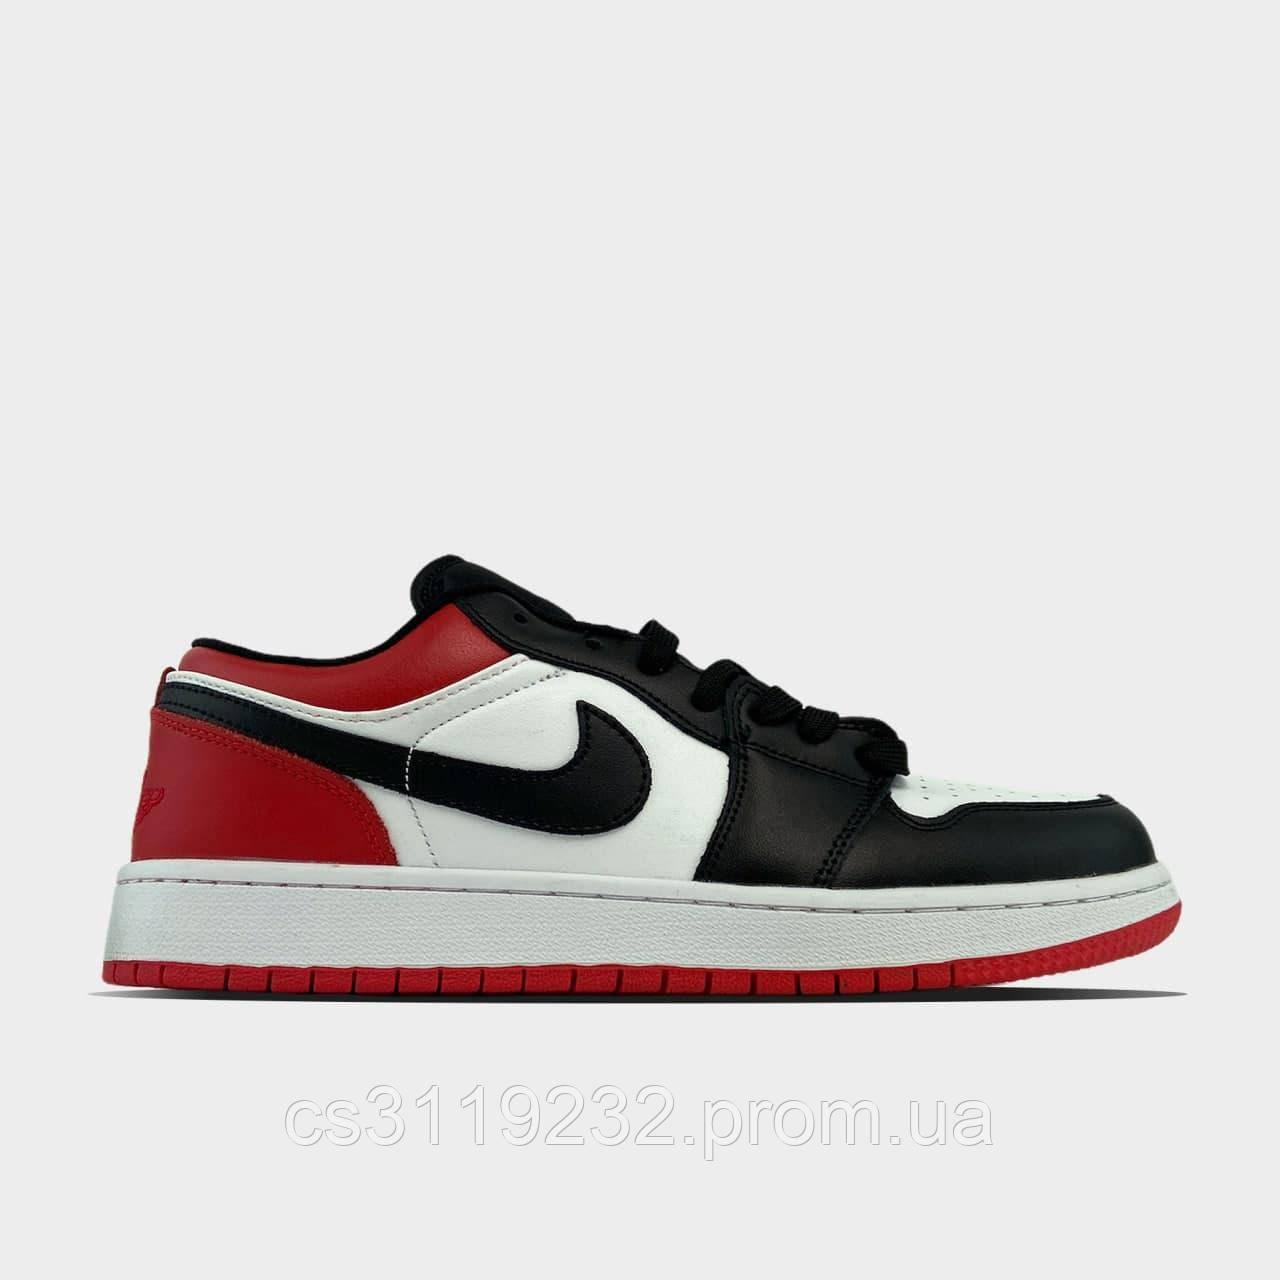 Жіночі кросівки Air Jordan 1 Low Red Black (чорний/червоний)